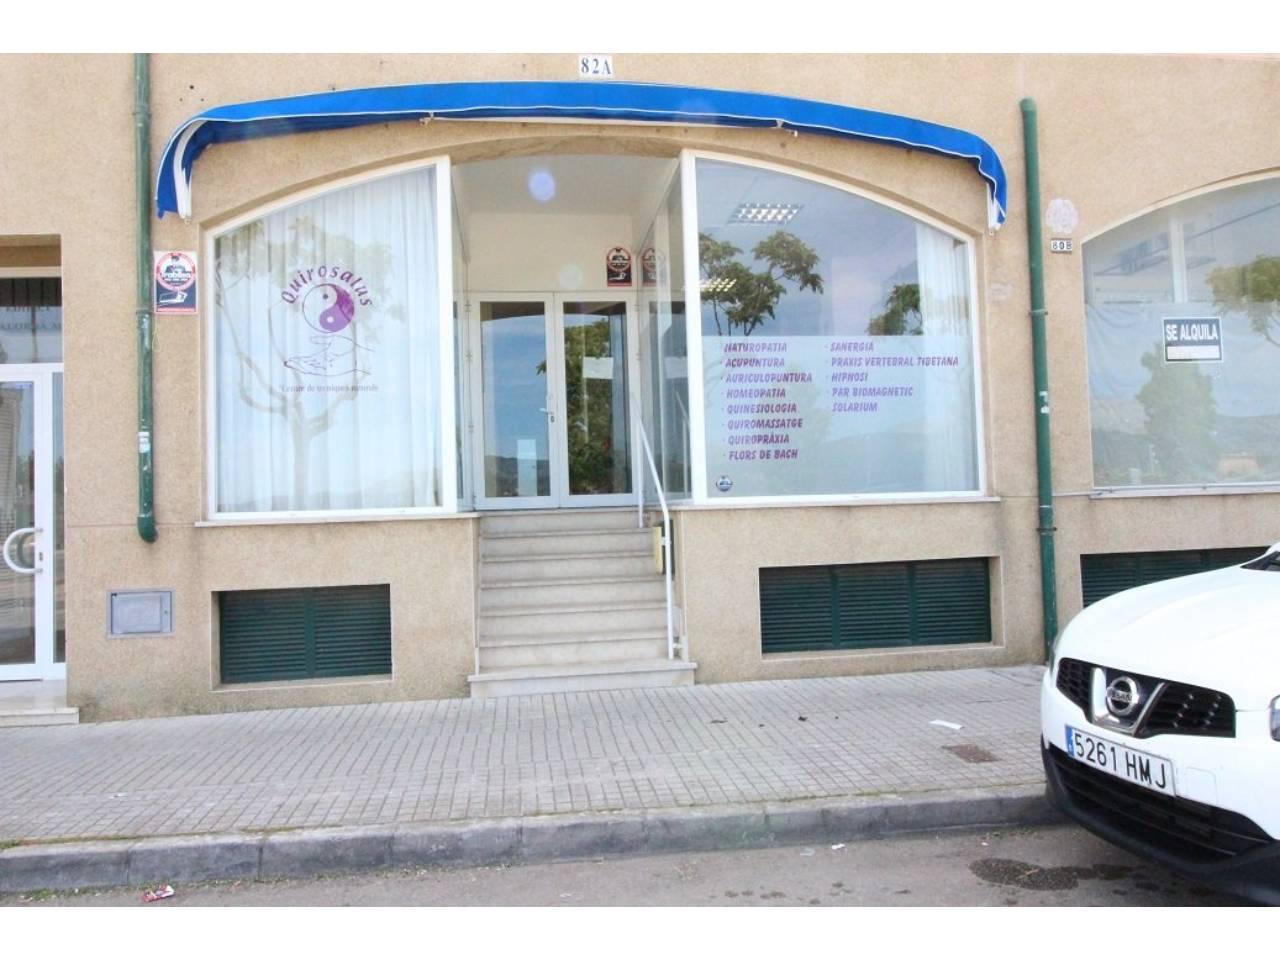 Local commercial  Ronda. Superf. 75 m², tipo de negocio comercial, divisiones, escaparate